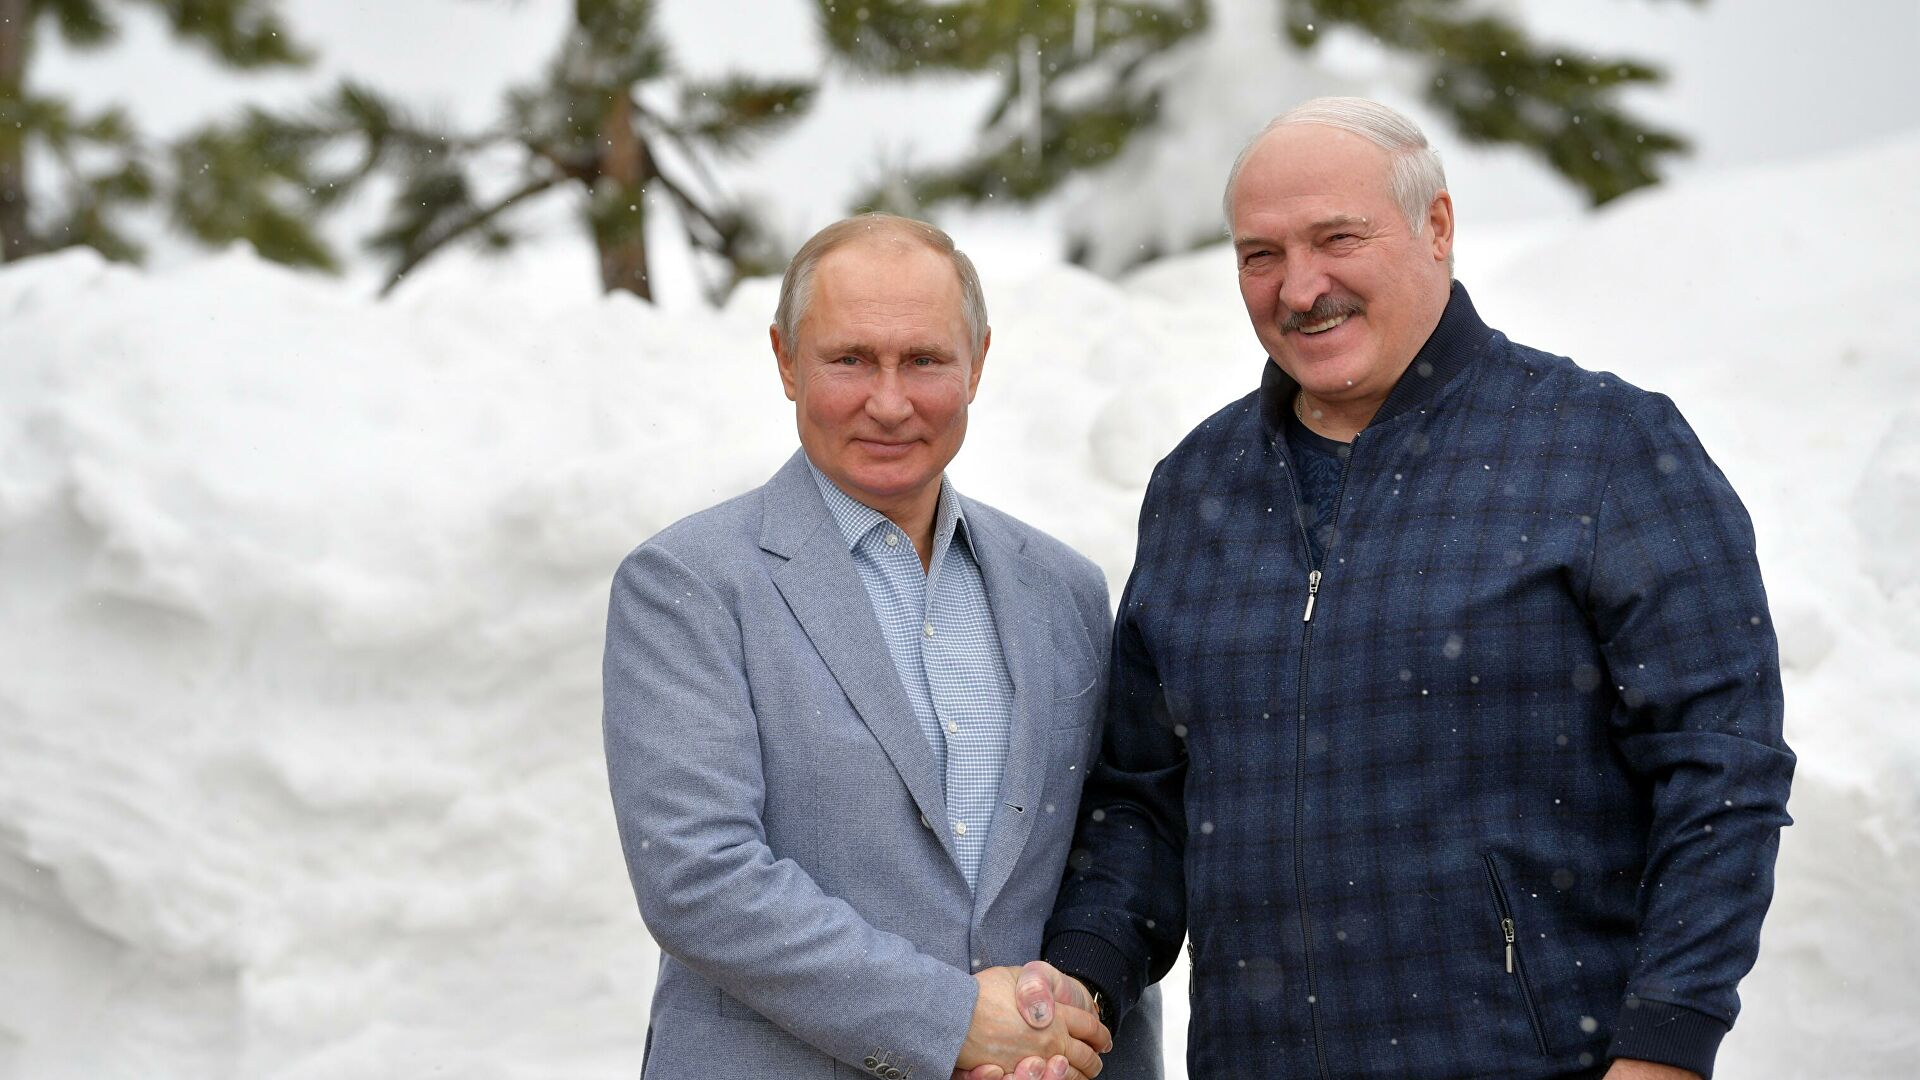 Putin: Nivo interakcije, strateškog partnerstva i saveza potvrđen između Belorusije i Rusije